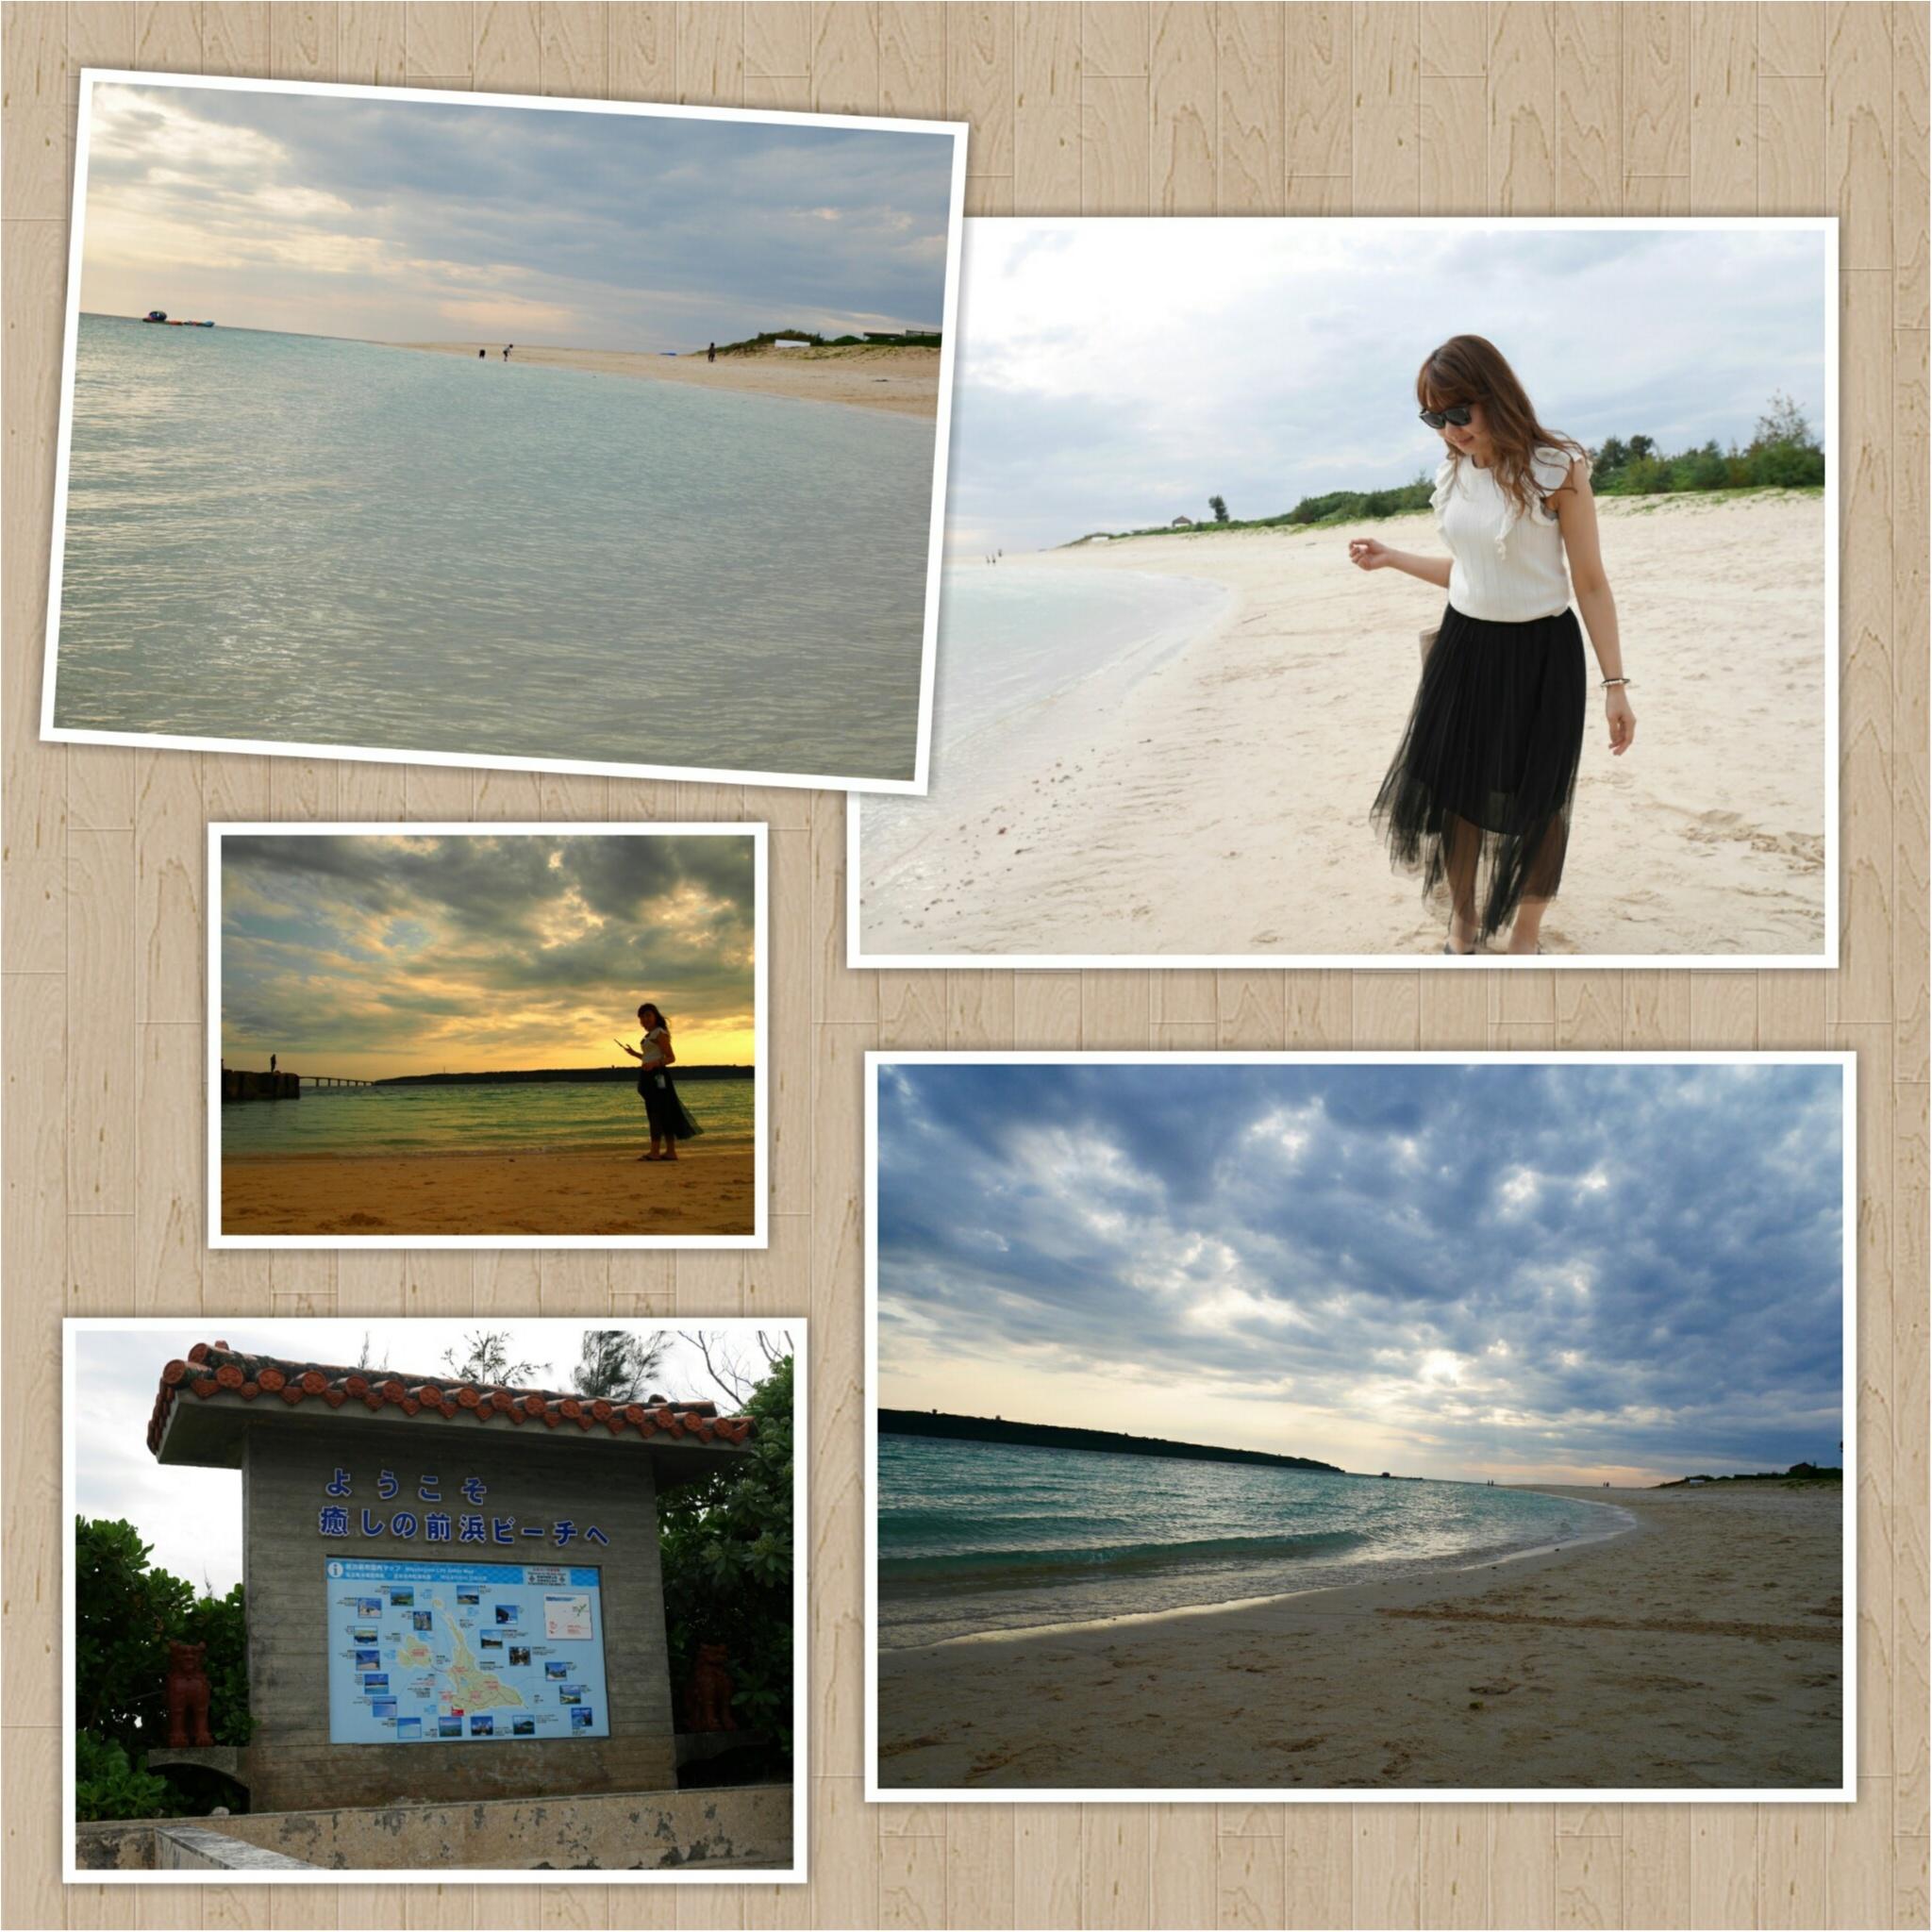 【宮古島】沖縄の離島が好きな人へ、1泊2日の弾丸旅のすすめ。_7